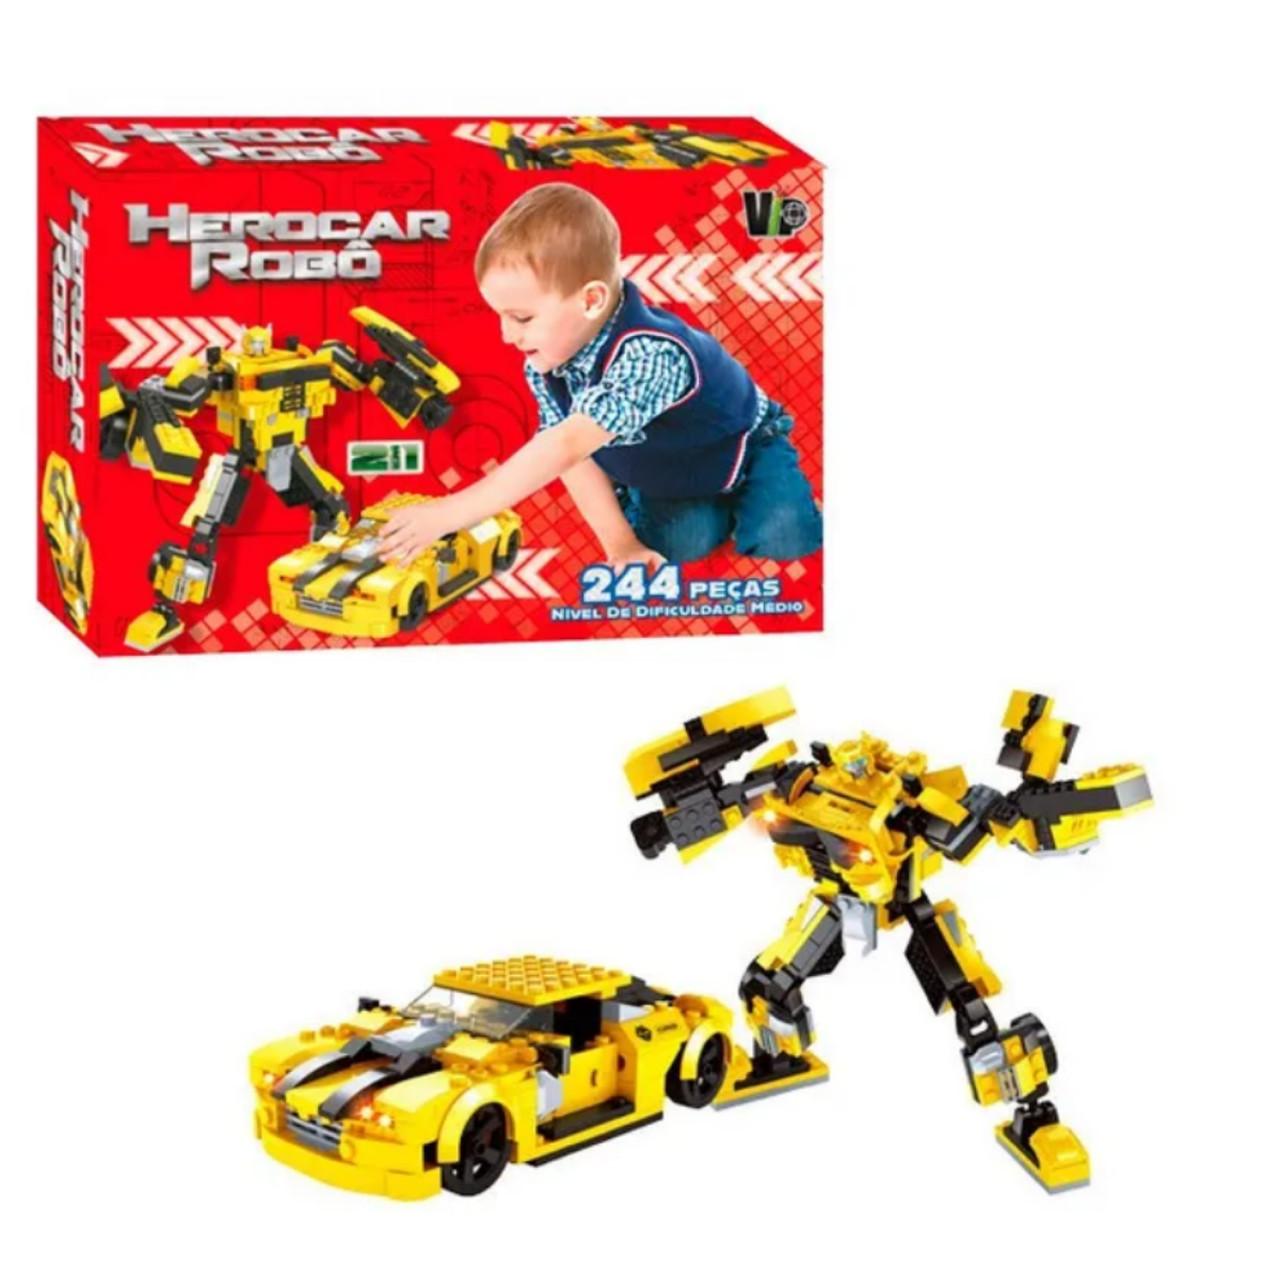 HeroCar Robô com 244 peças com Robô e Carrinhos